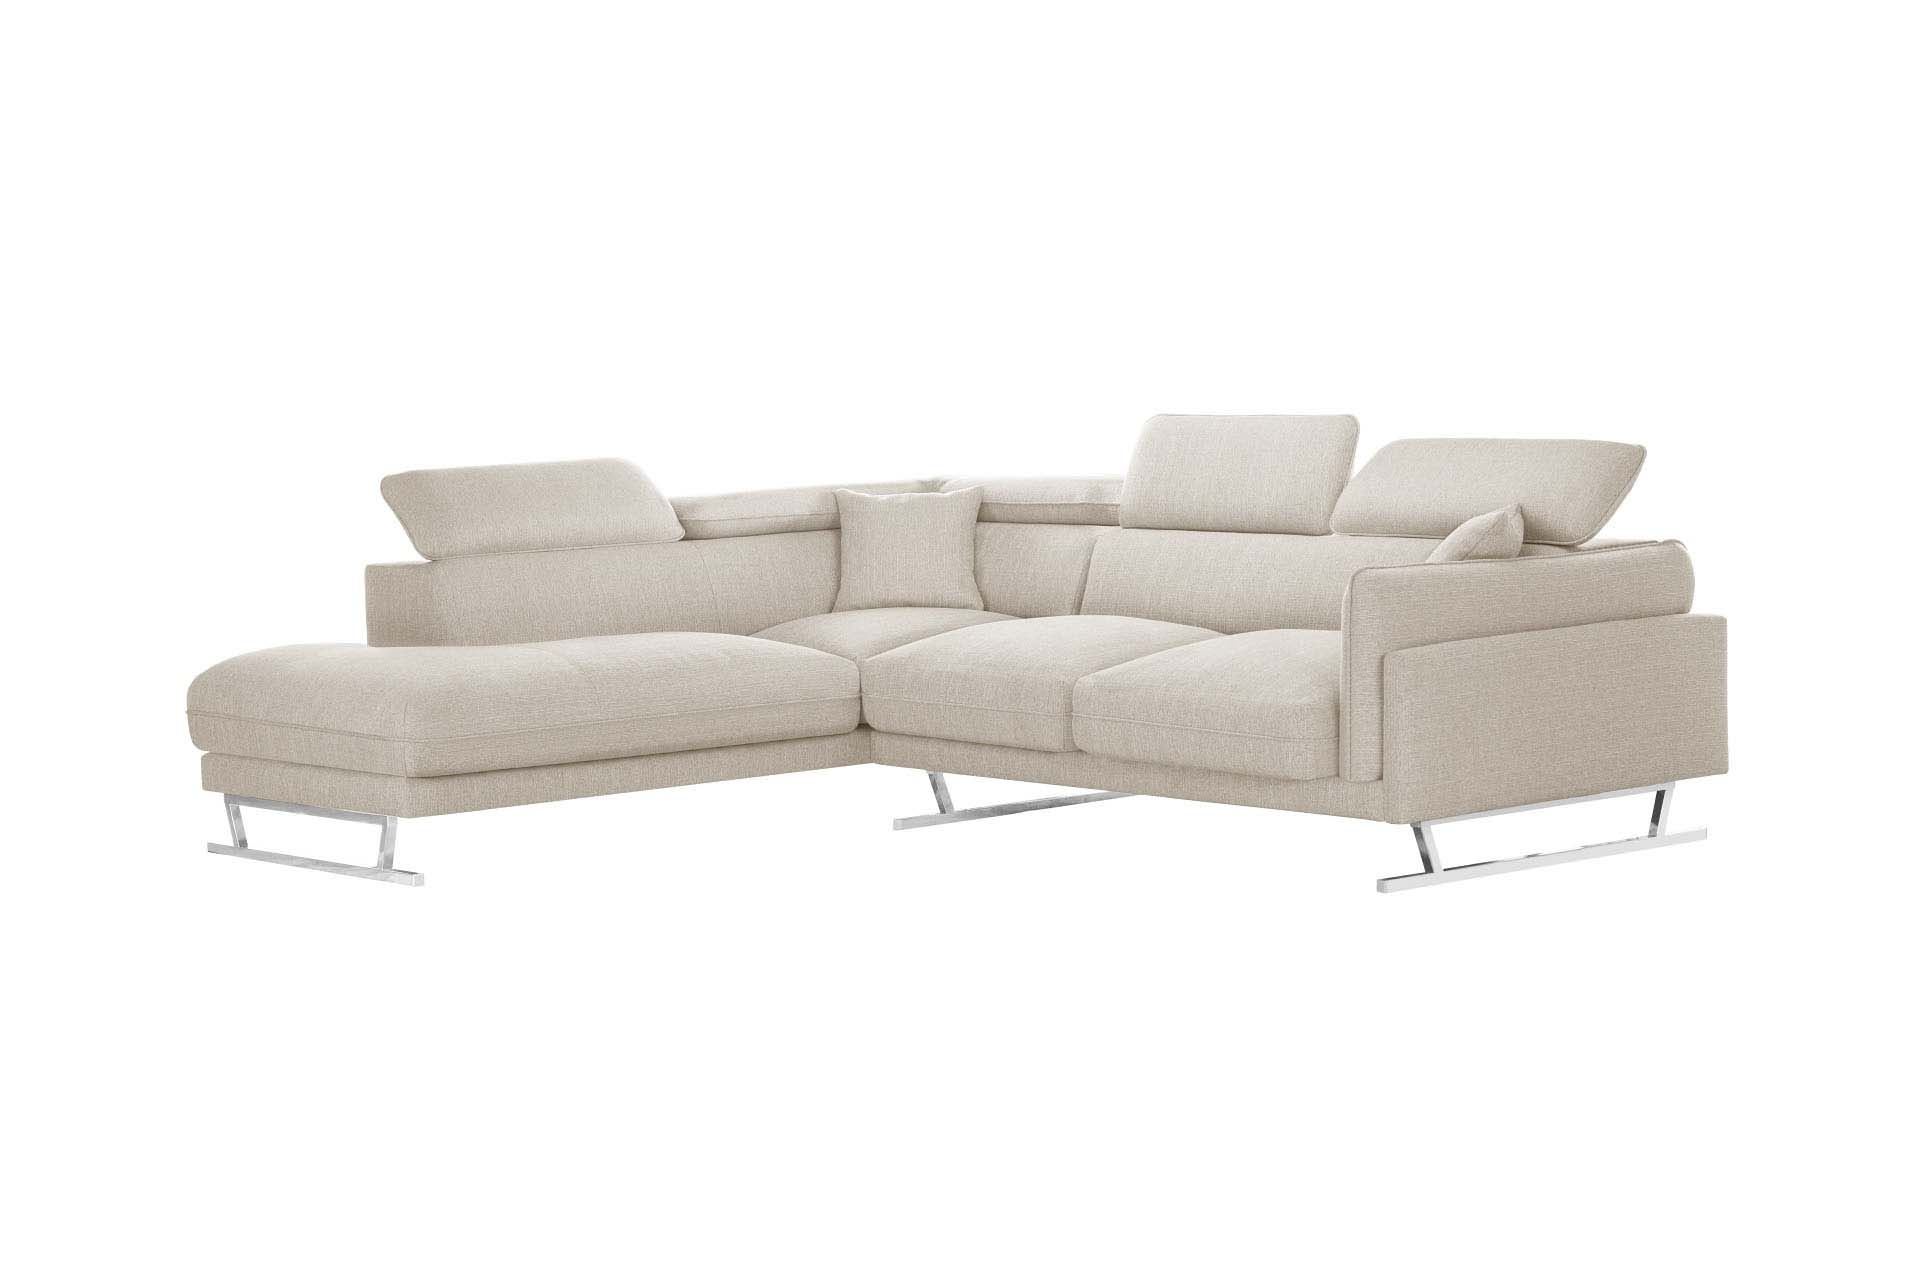 Canapé d'angle gauche 6 places toucher lin crème